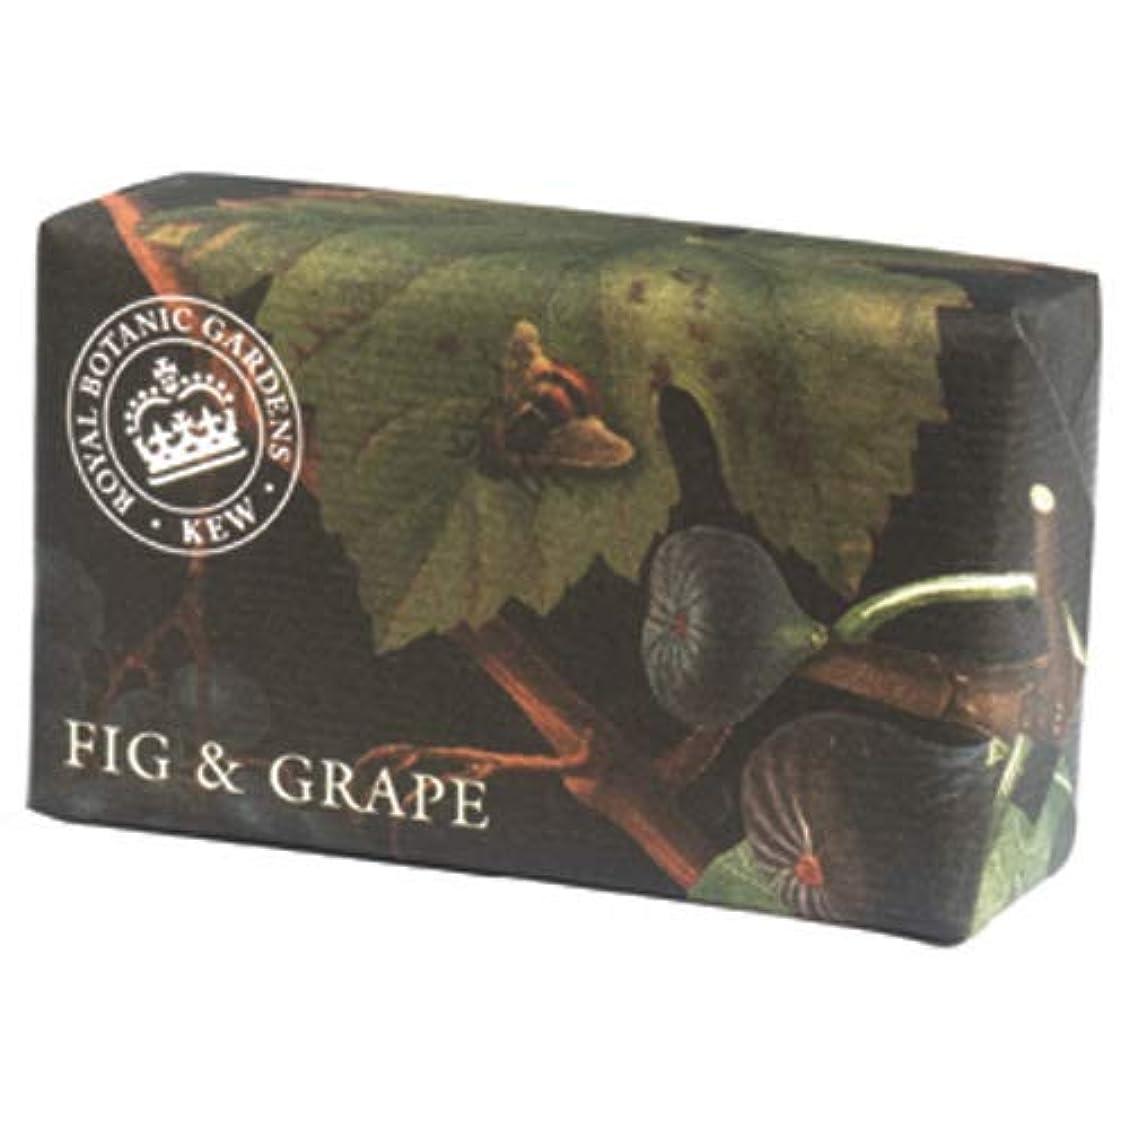 解体する成分問題English Soap Company イングリッシュソープカンパニー KEW GARDEN キュー?ガーデン Luxury Shea Soaps シアソープ Fig & Grape フィグ&グレープ